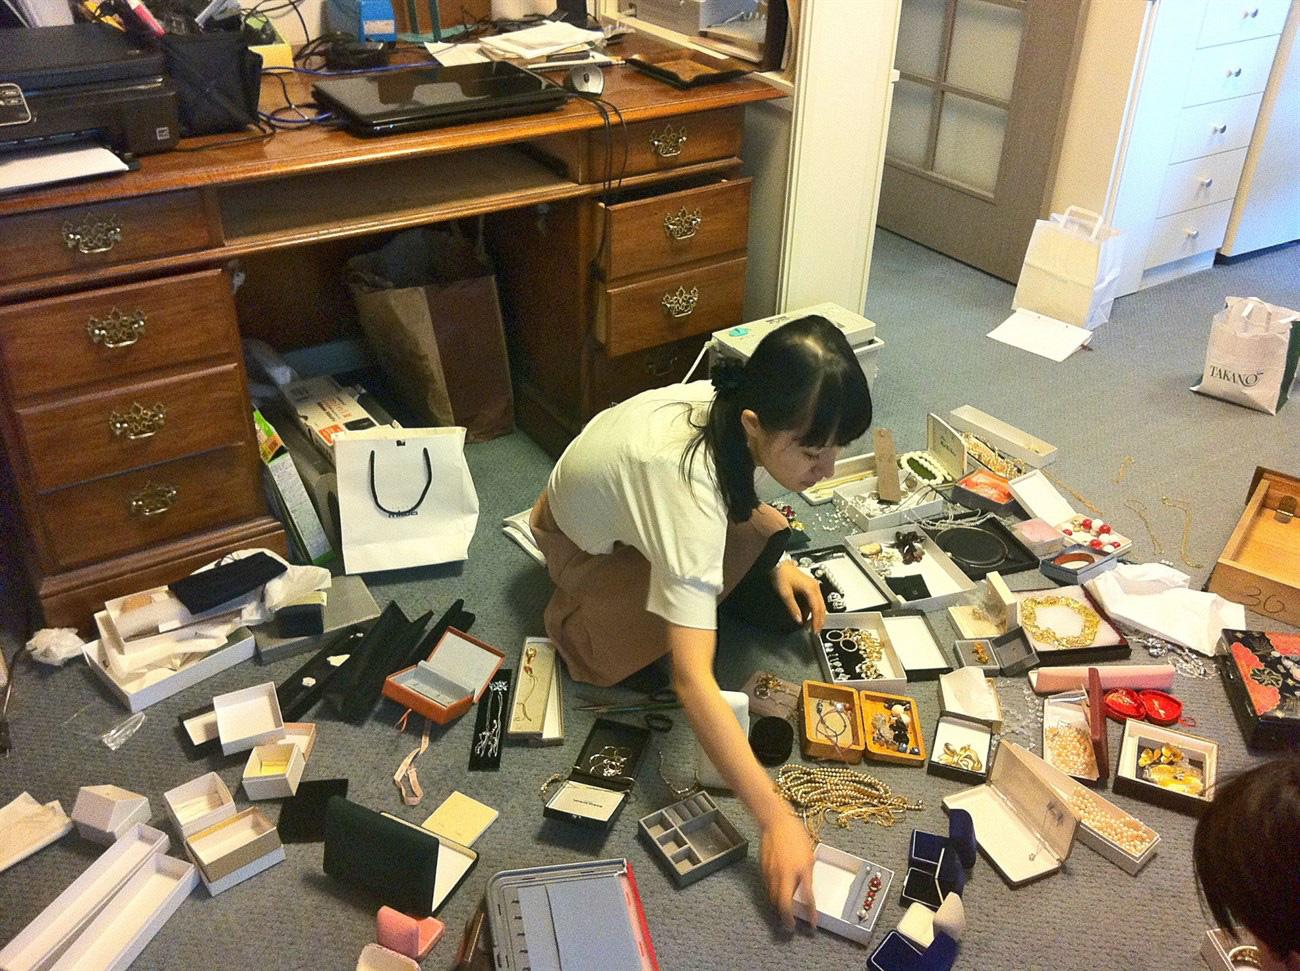 Học ngay cách dọn dẹp nhà cửa thông minh sạch sẽ như người Nhật - Ảnh 5.